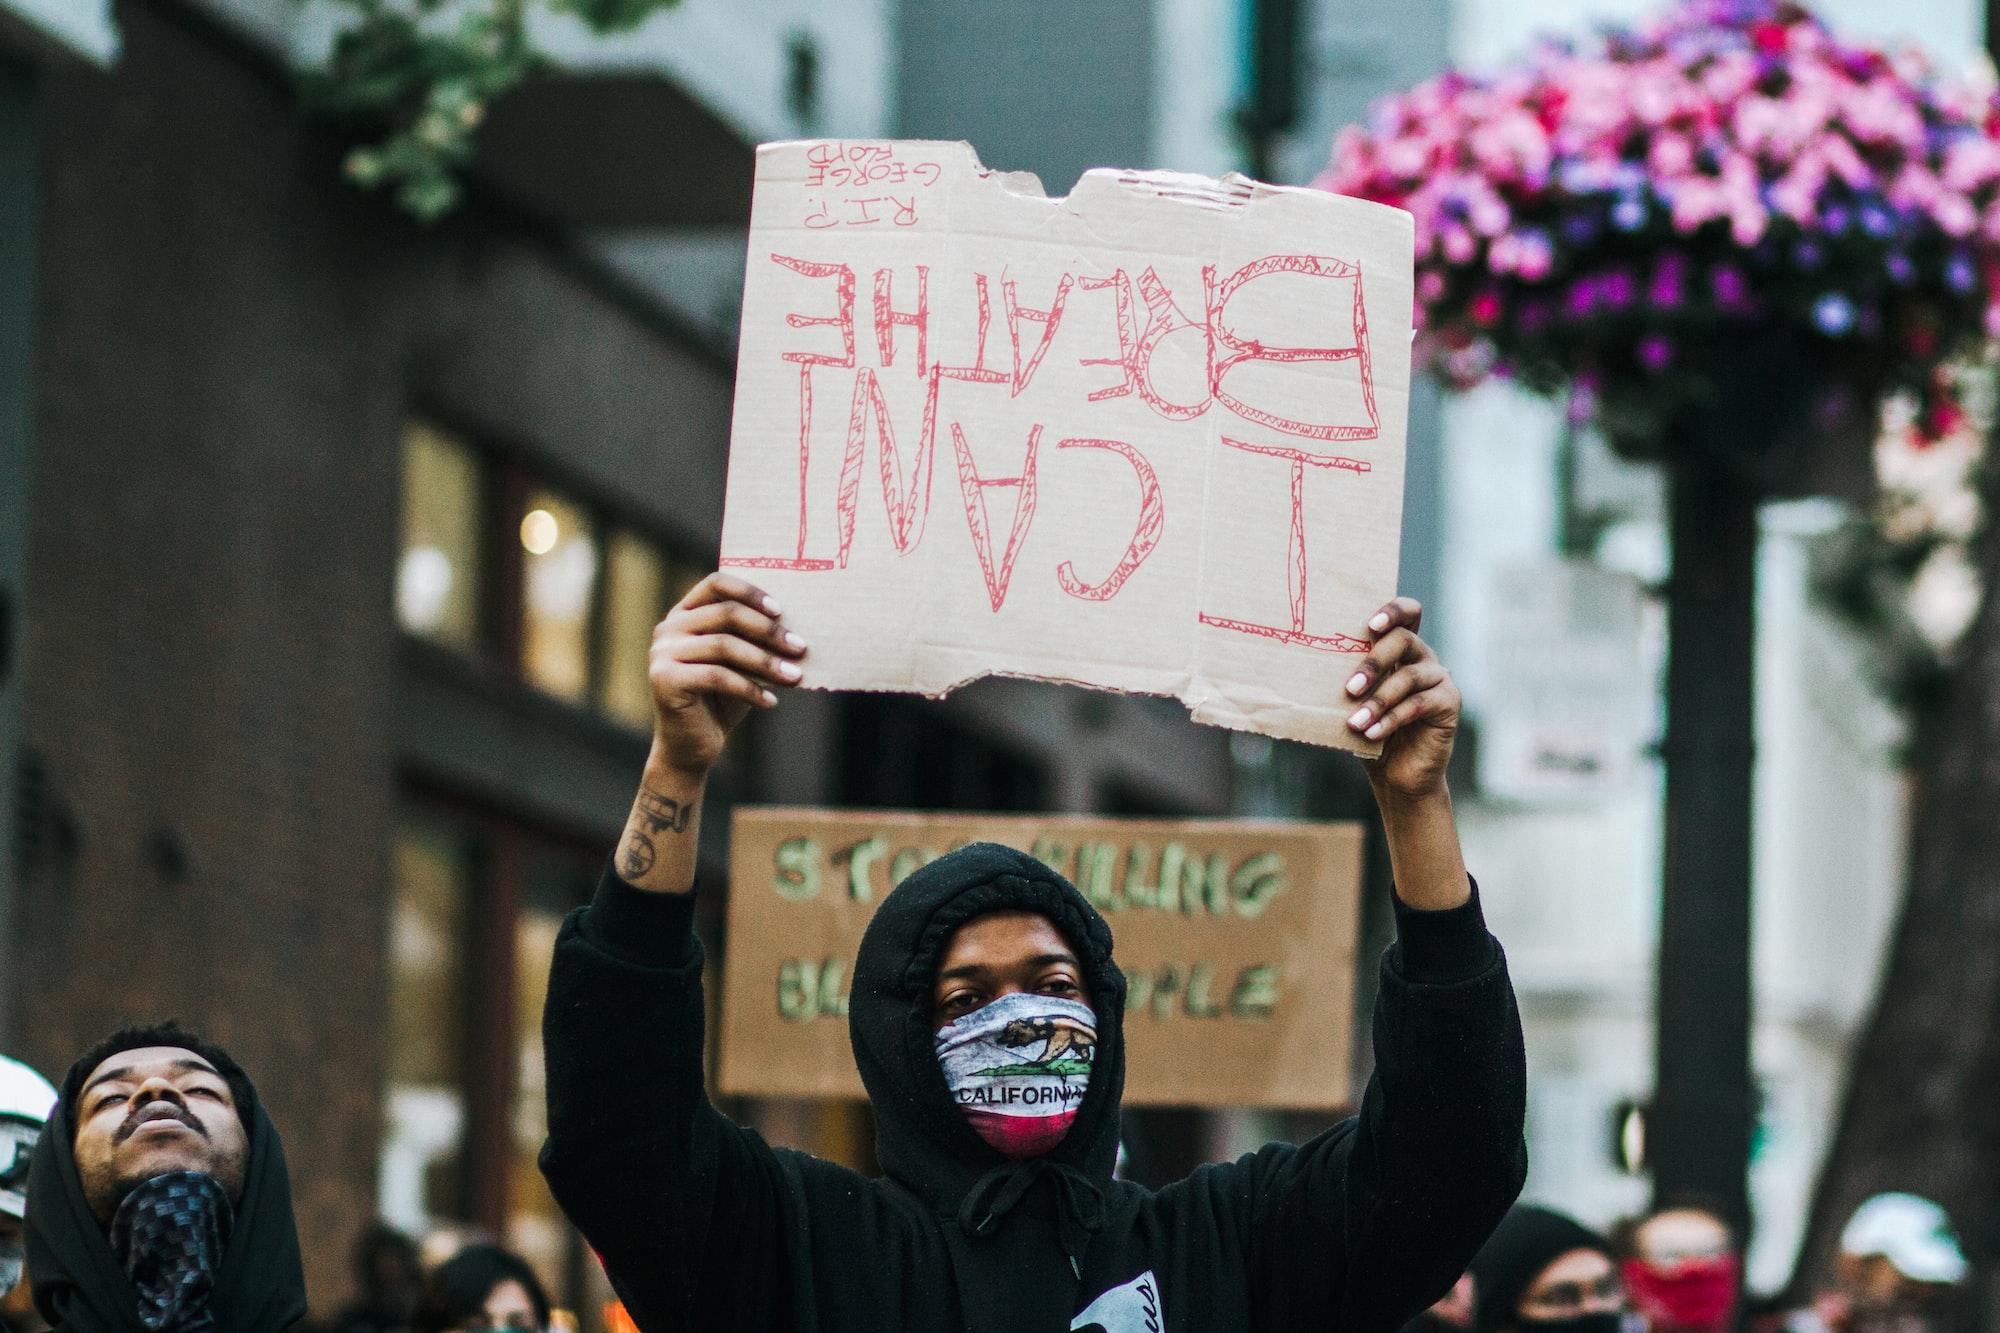 Os protestos do grupo Black Lives Matter tomaram proporções e relevância nunca vistas, especialmente após a morte de George Floyd, este ano.